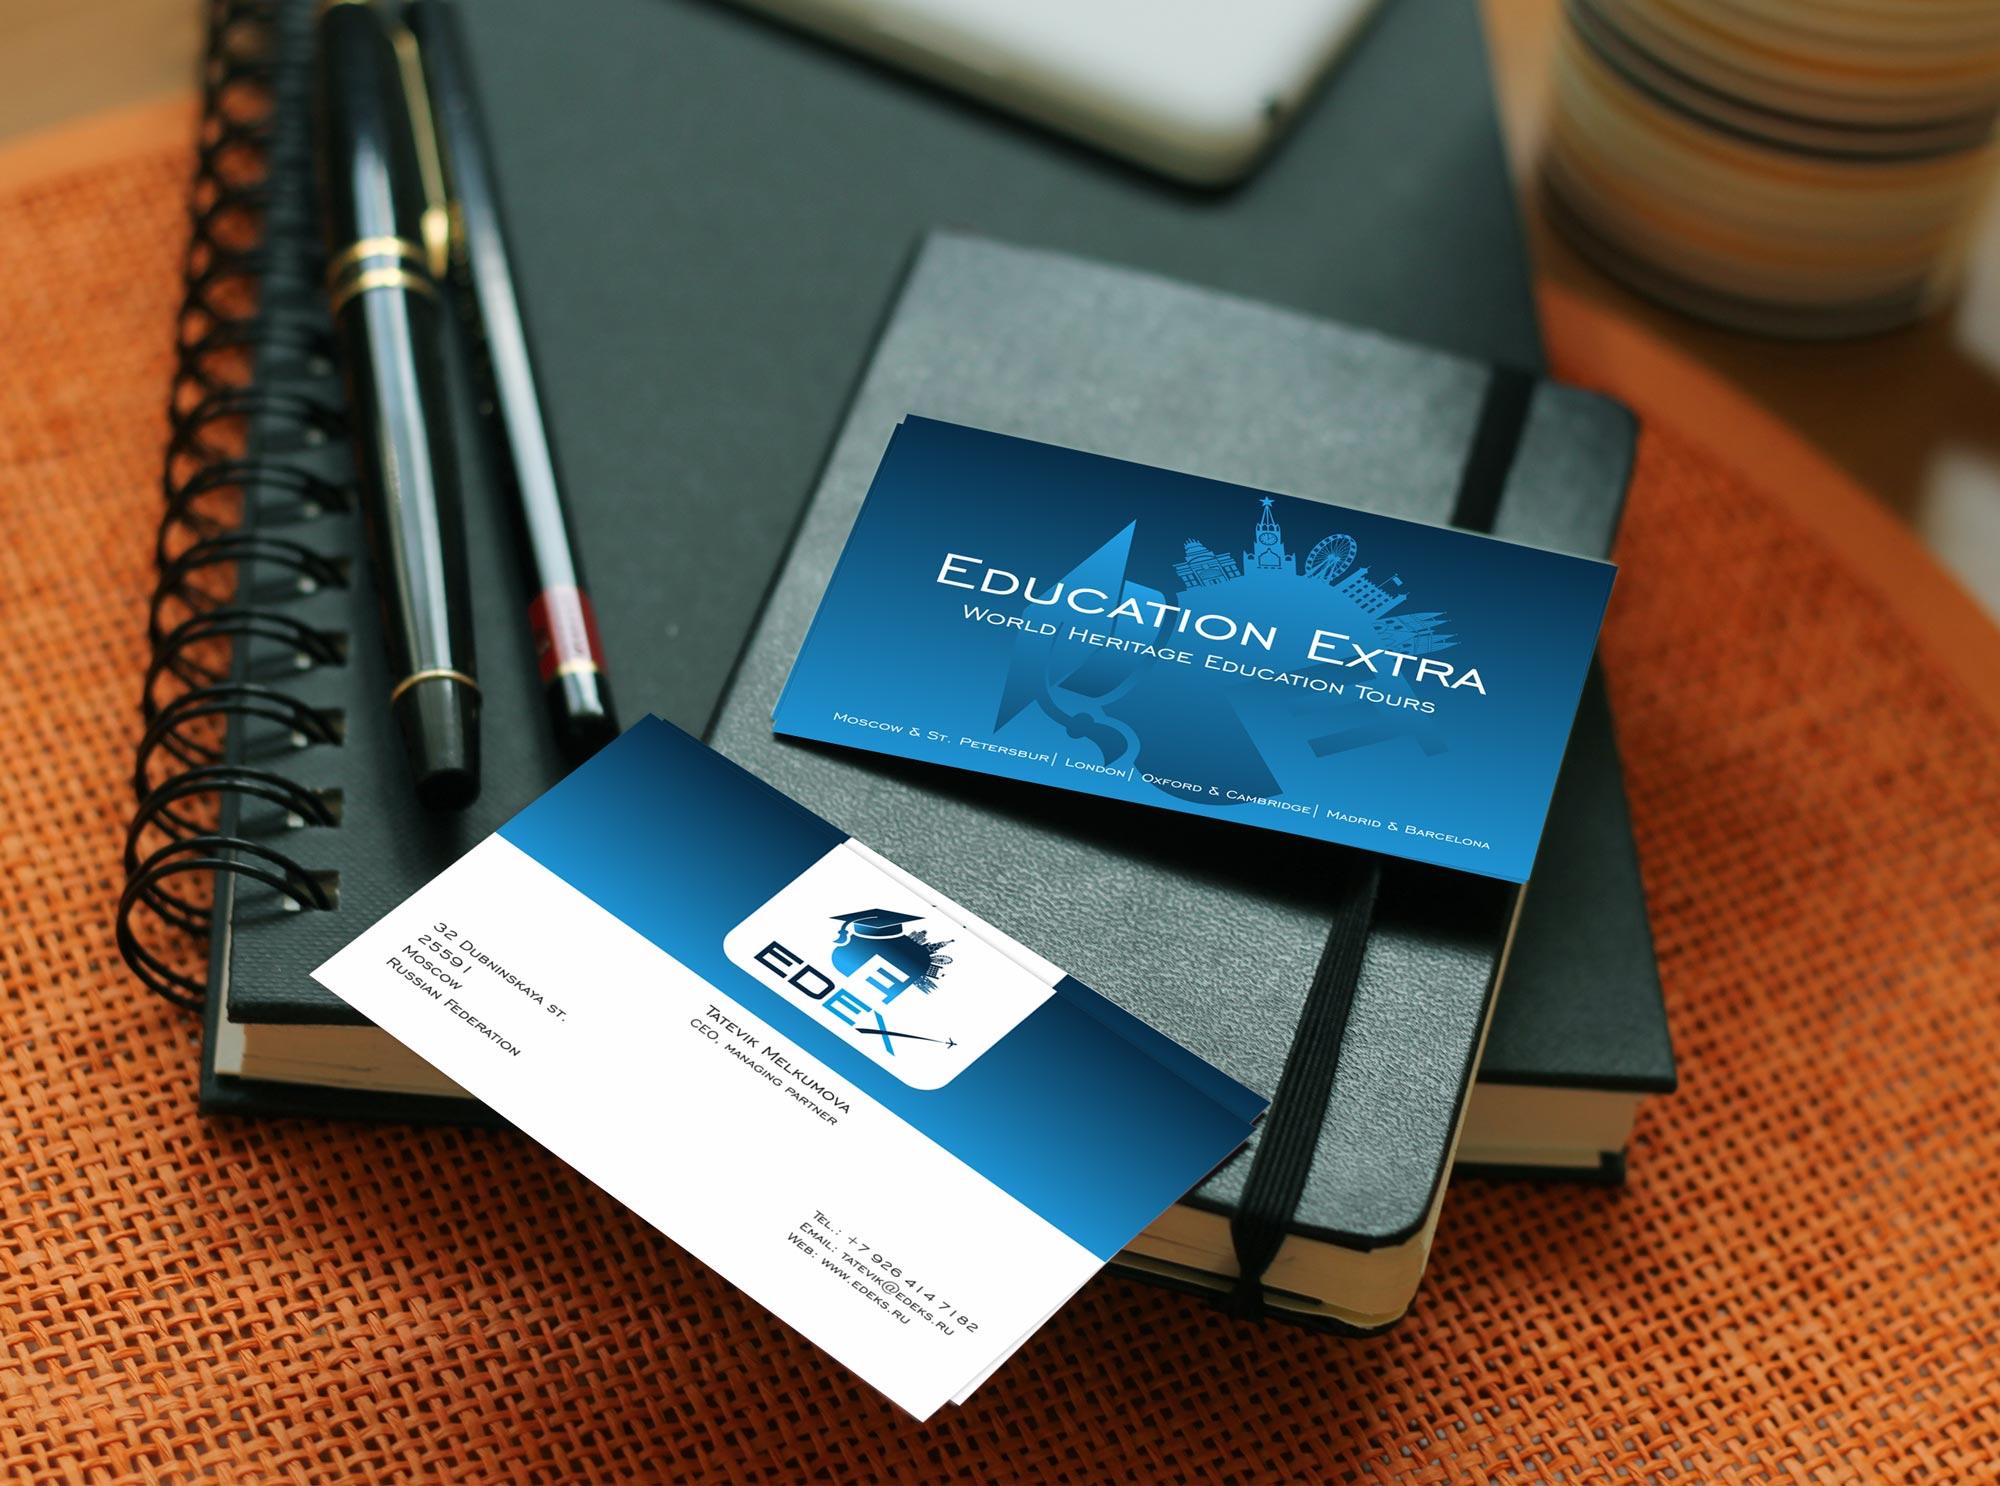 Լogo and business card design for the company Education Extra - EDEX